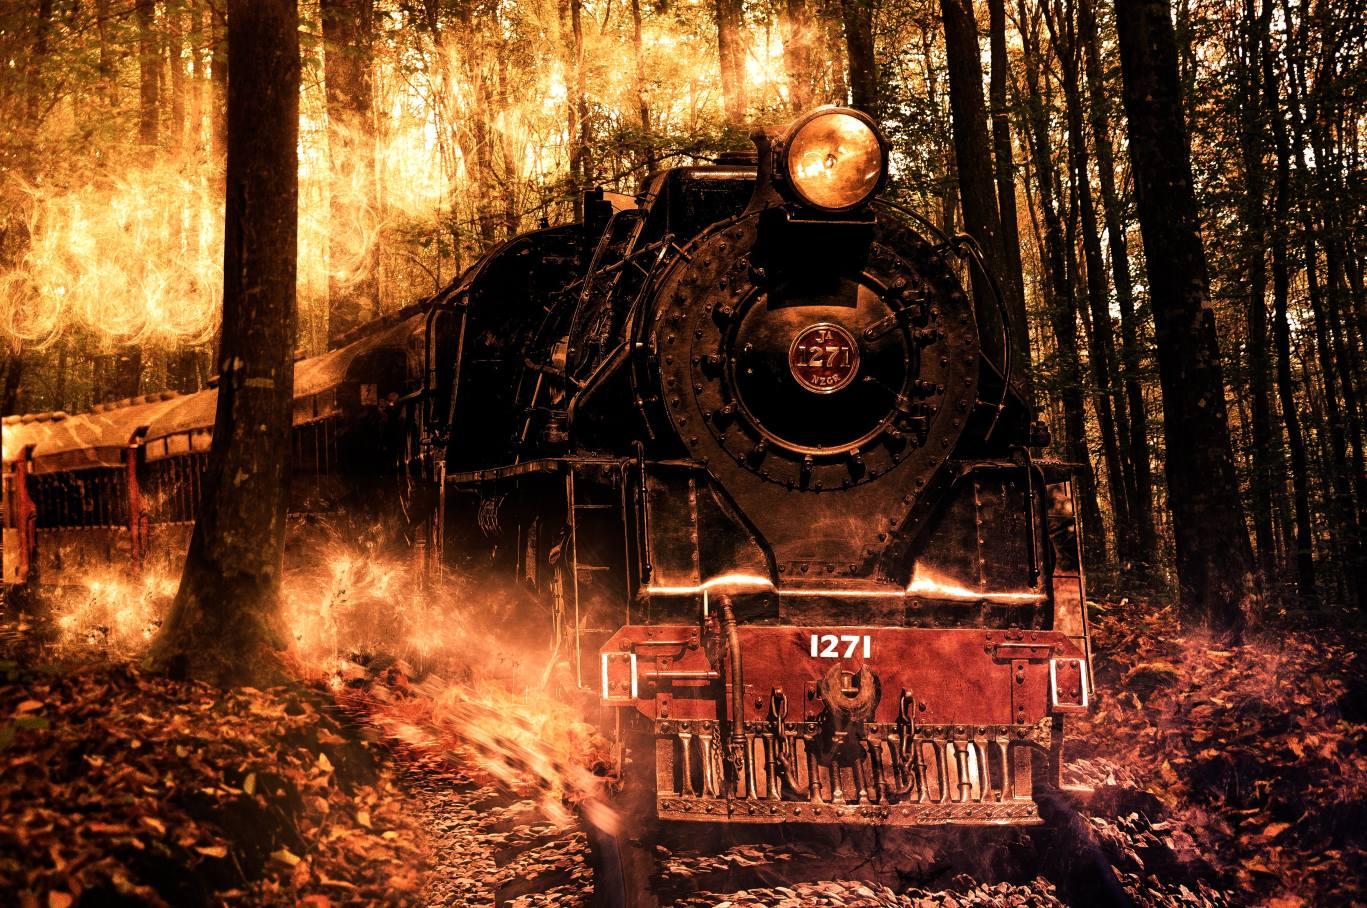 поезд в огне в картинках нас порадовало